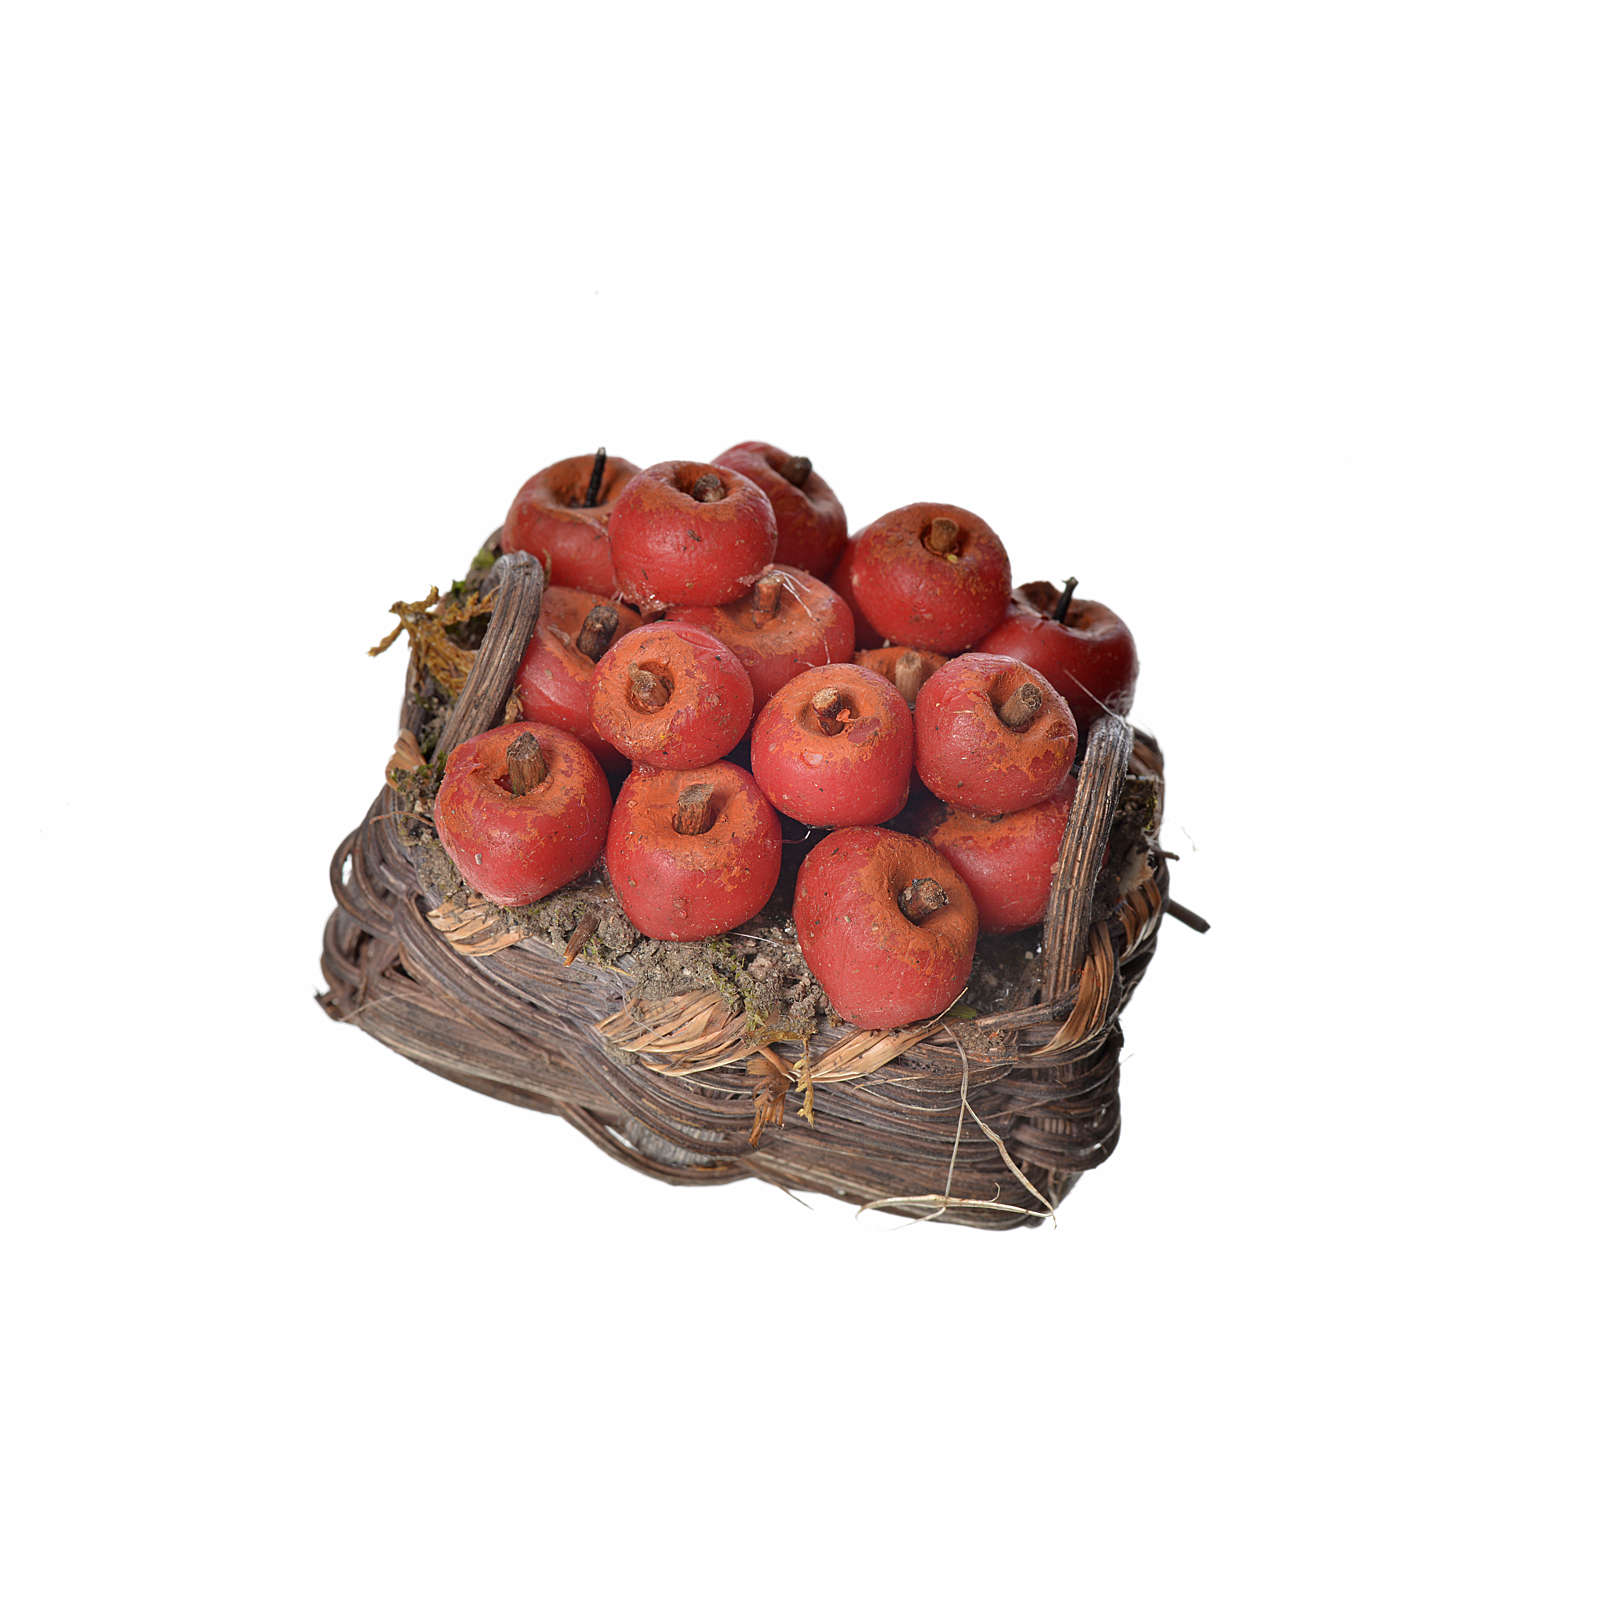 Panier pommes en cire pour crèche 4,5x5,5x6 4